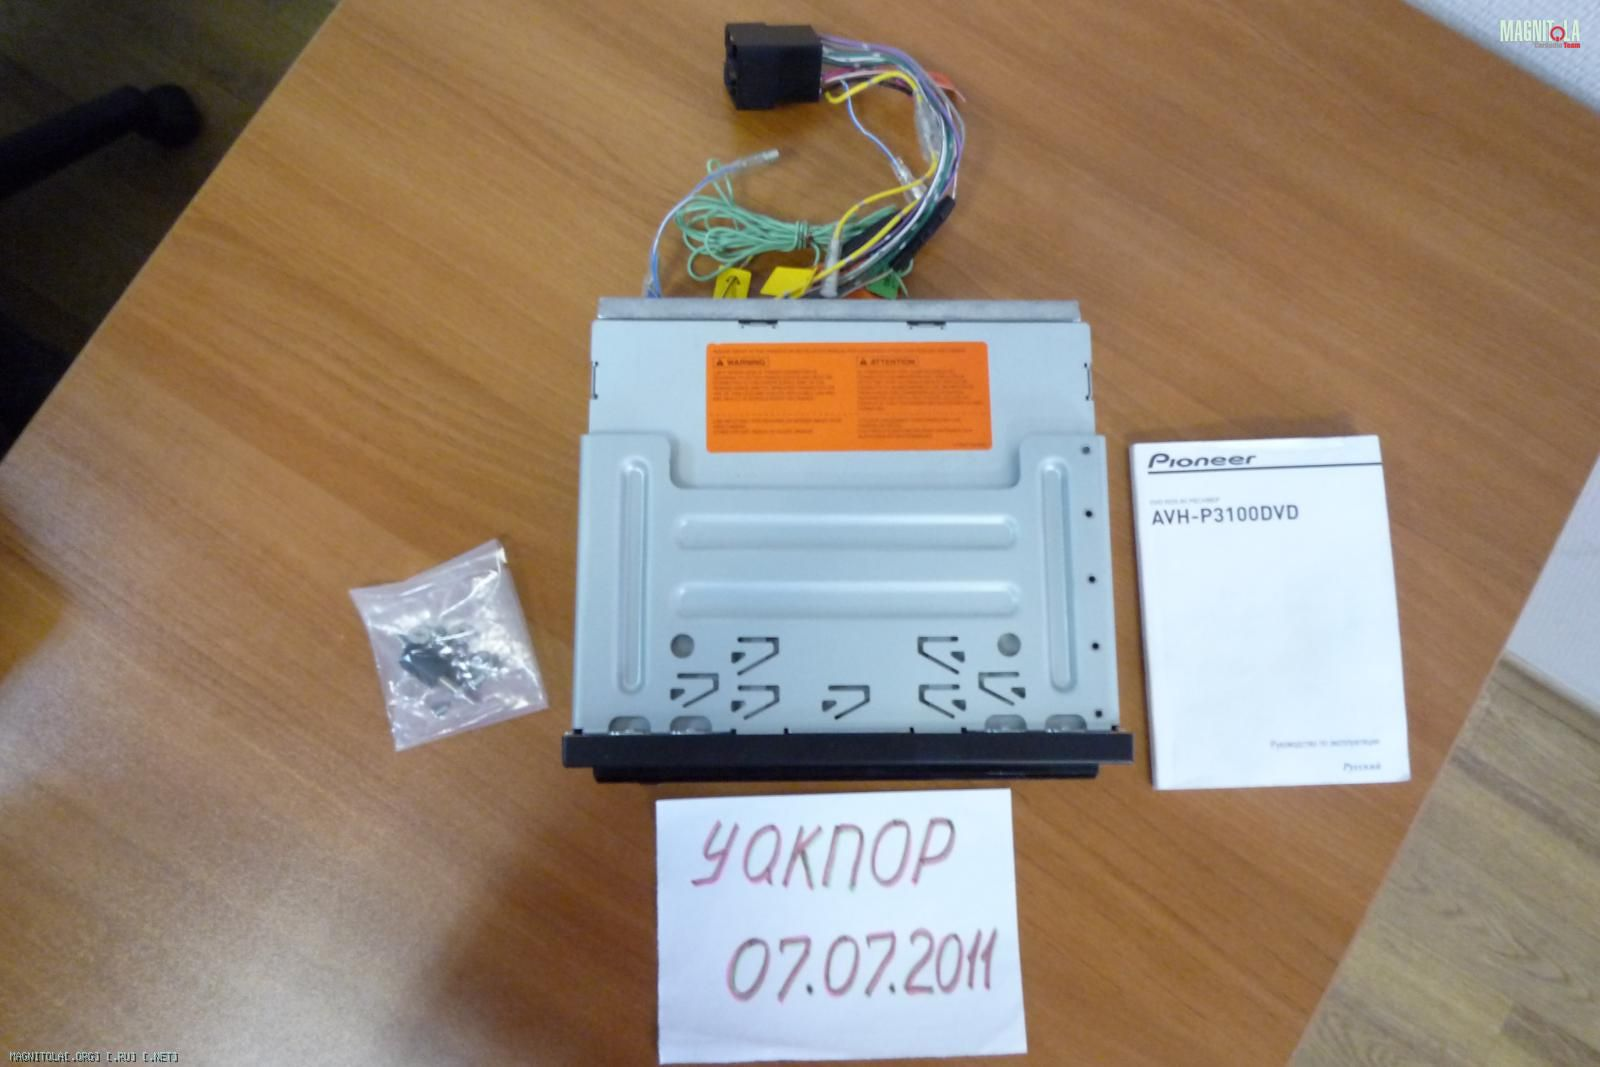 Pioneer Avh P3100dvd Firmware Update Hidetop